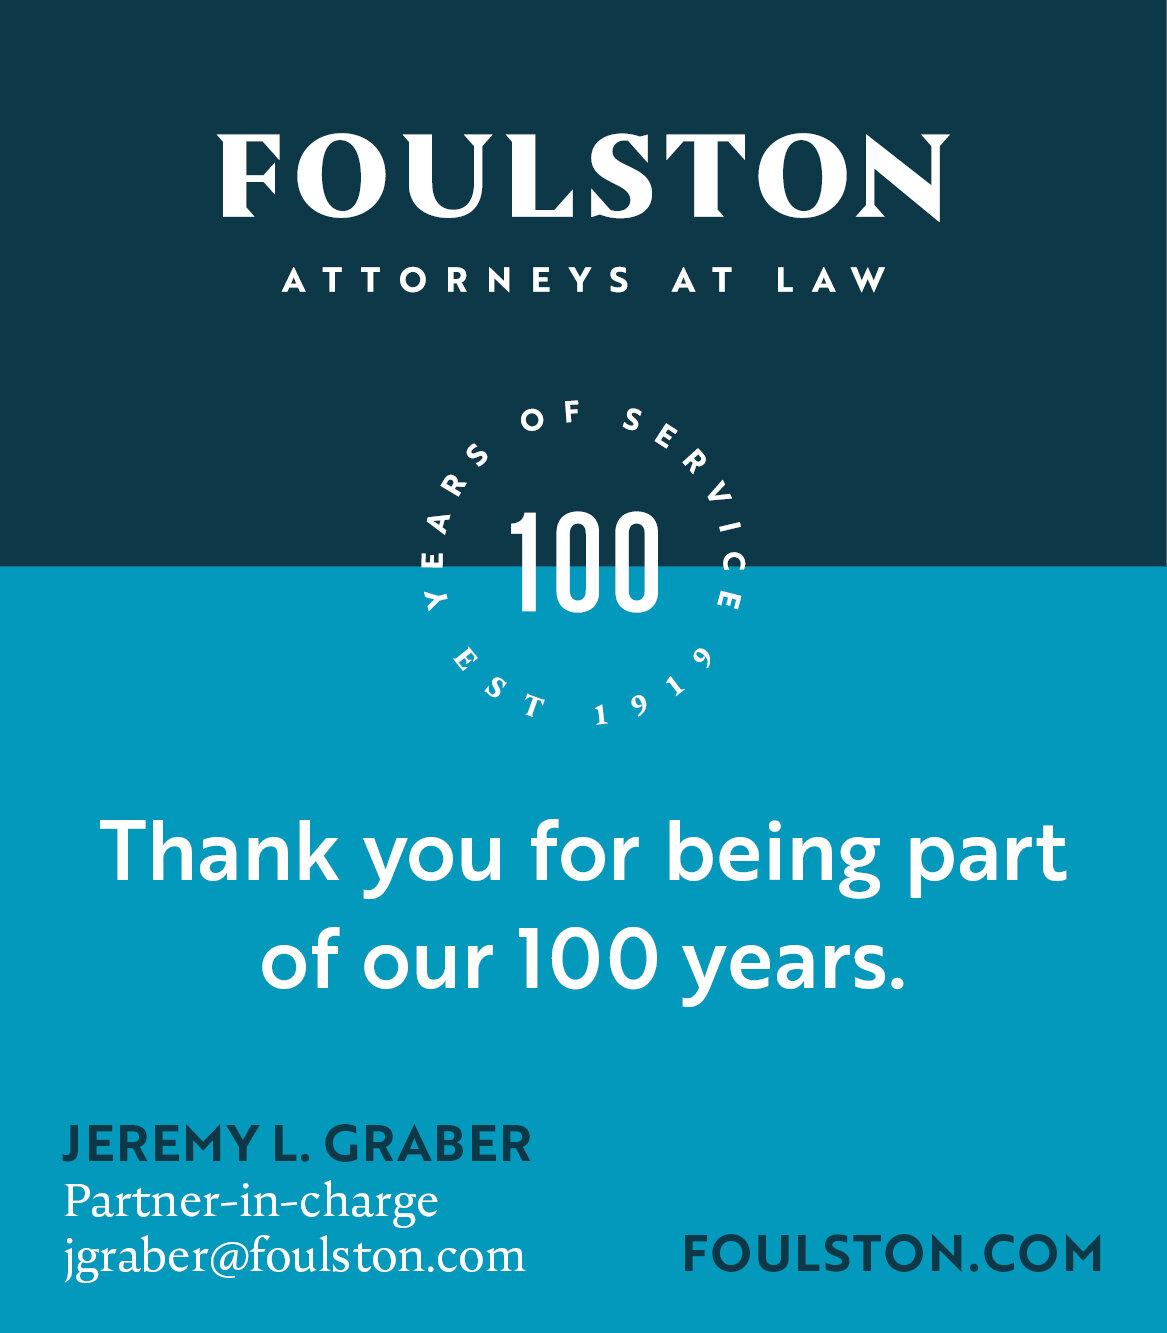 Fouston Online Ad.jpg